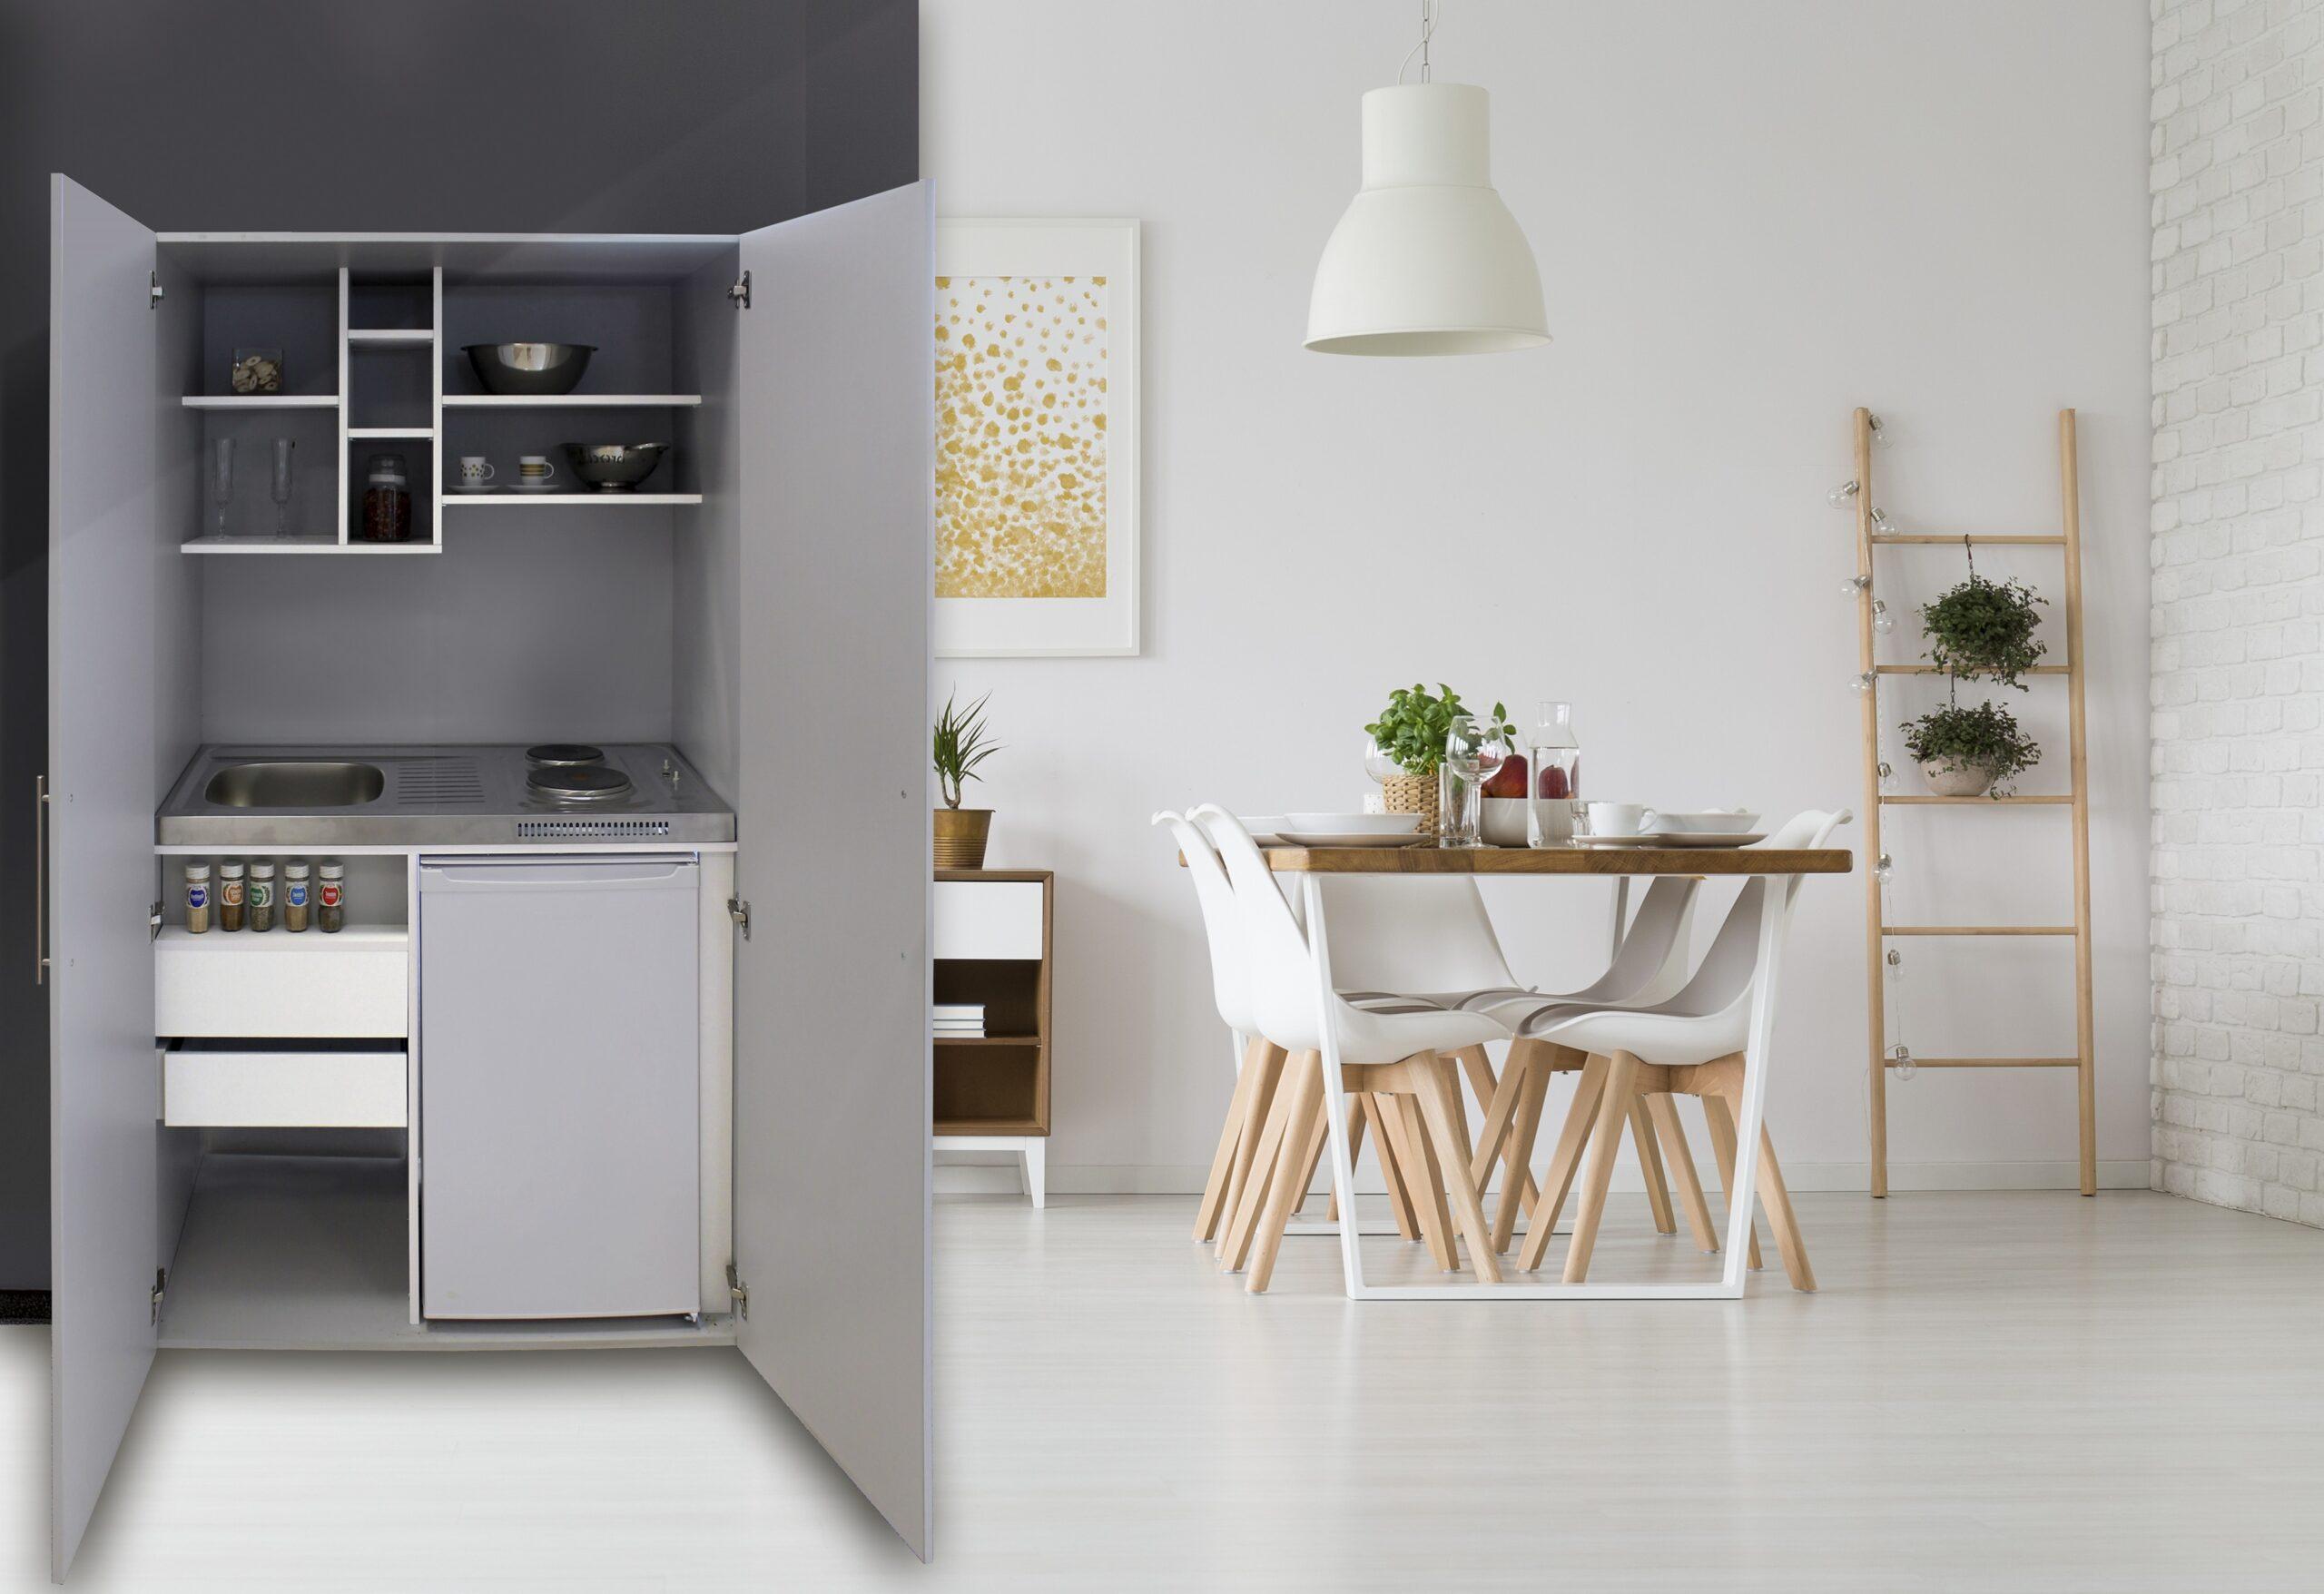 Full Size of Ikea Singleküche Värde Schrankkuche Buro Küche Kosten Kaufen Modulküche Miniküche Betten 160x200 Sofa Mit Schlaffunktion Bei E Geräten Kühlschrank Wohnzimmer Ikea Singleküche Värde